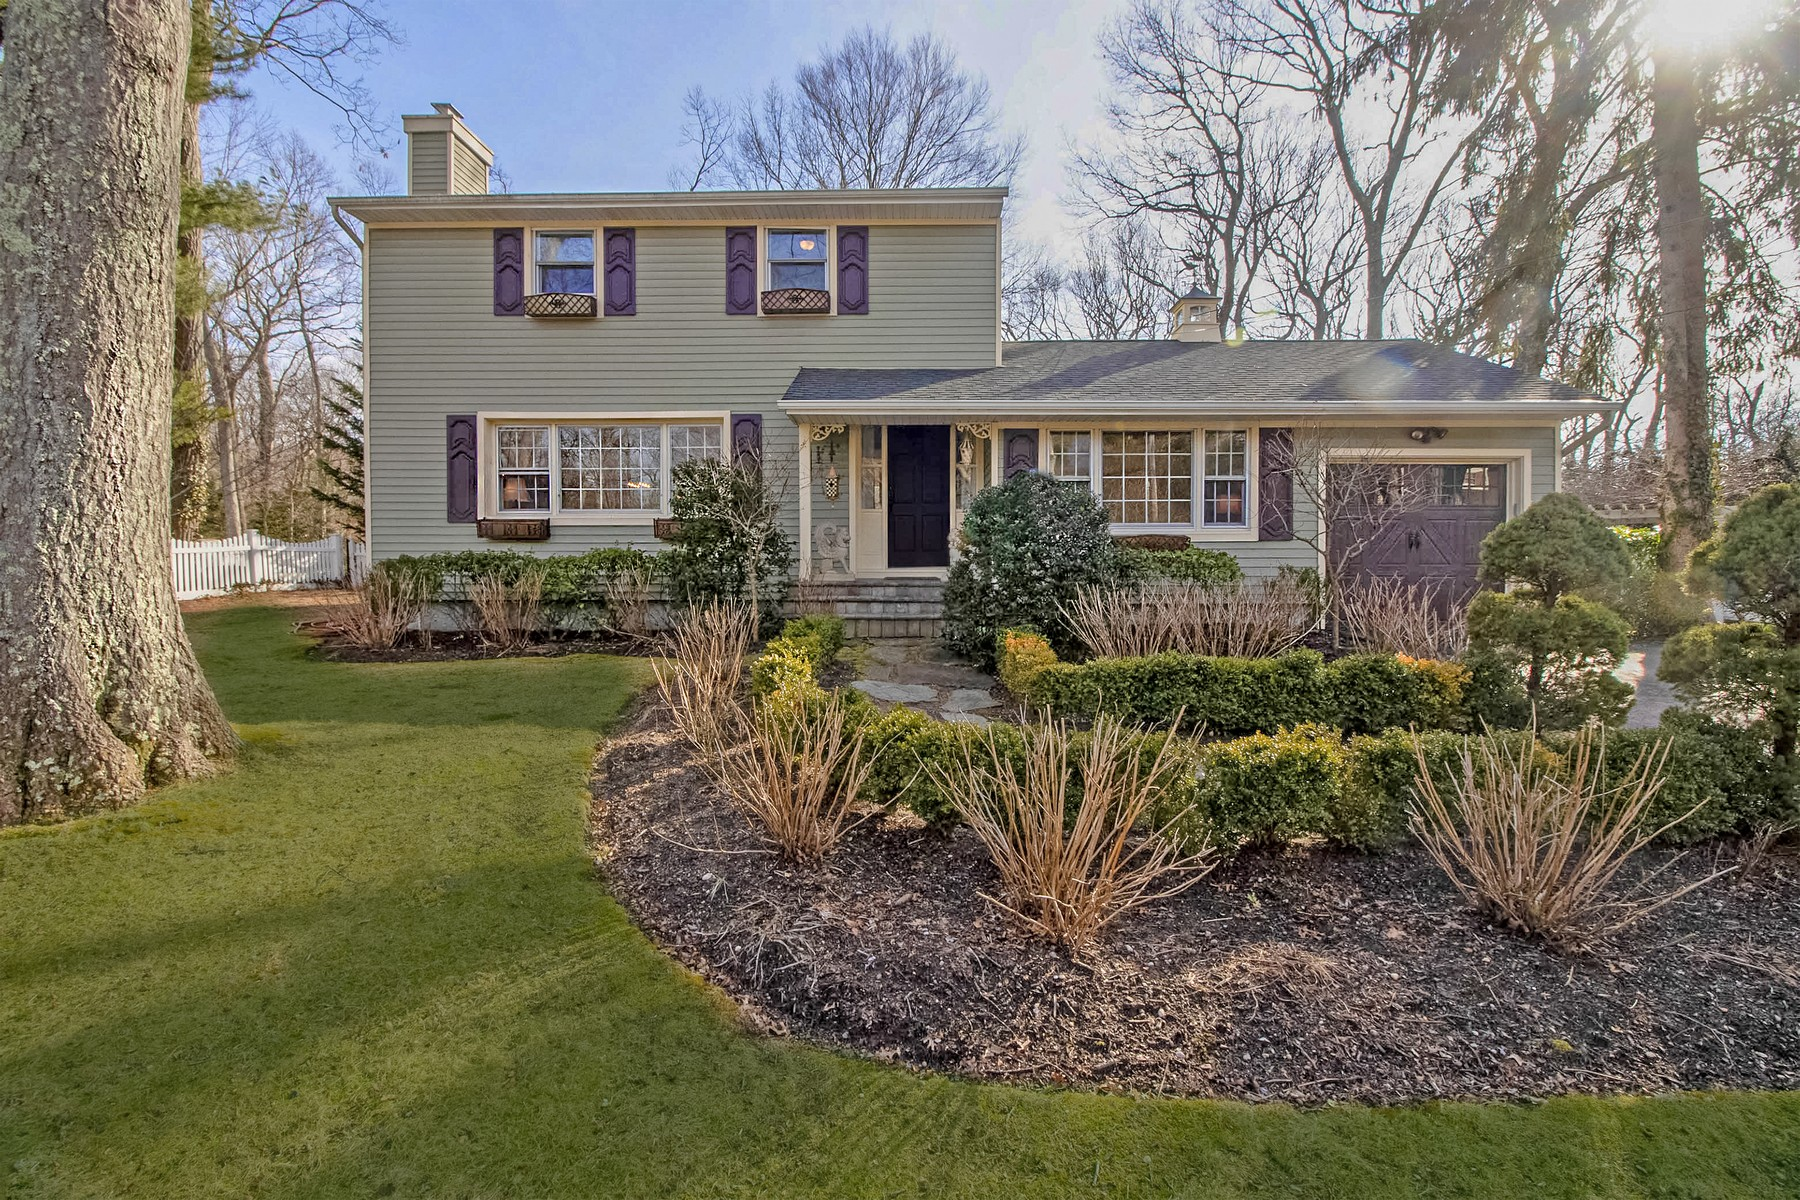 Single Family Homes for Active at Setauket 6 Friends Rd Setauket, New York 11733 United States